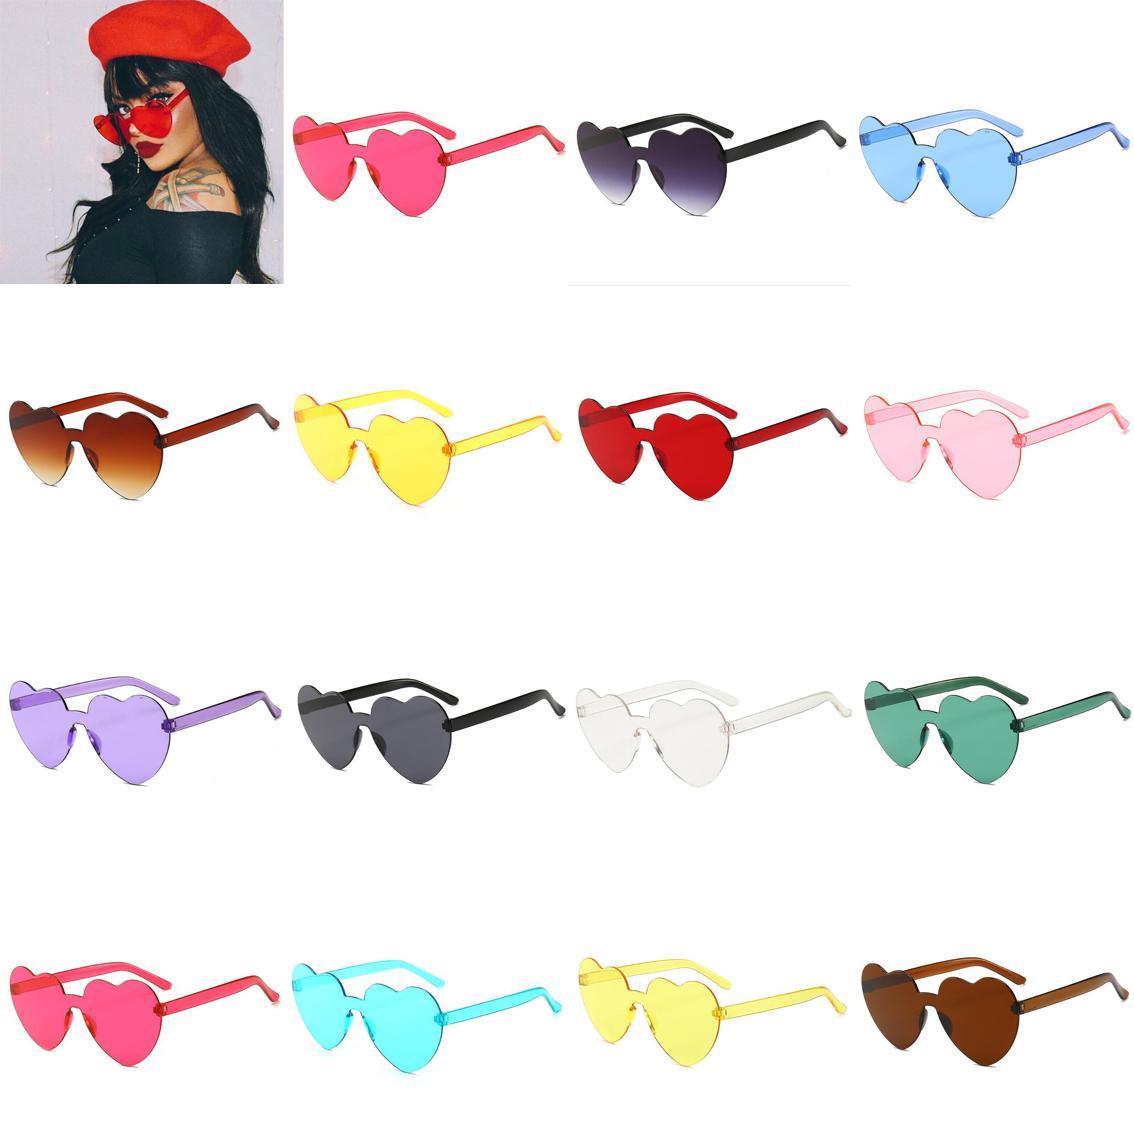 Gafas de sol de jalea unisex Transparente Coloreado con forma de corazón Corazones Coloree Shades Shades Gafas Peach New Women Diseñador Joyería Accesorio QFND